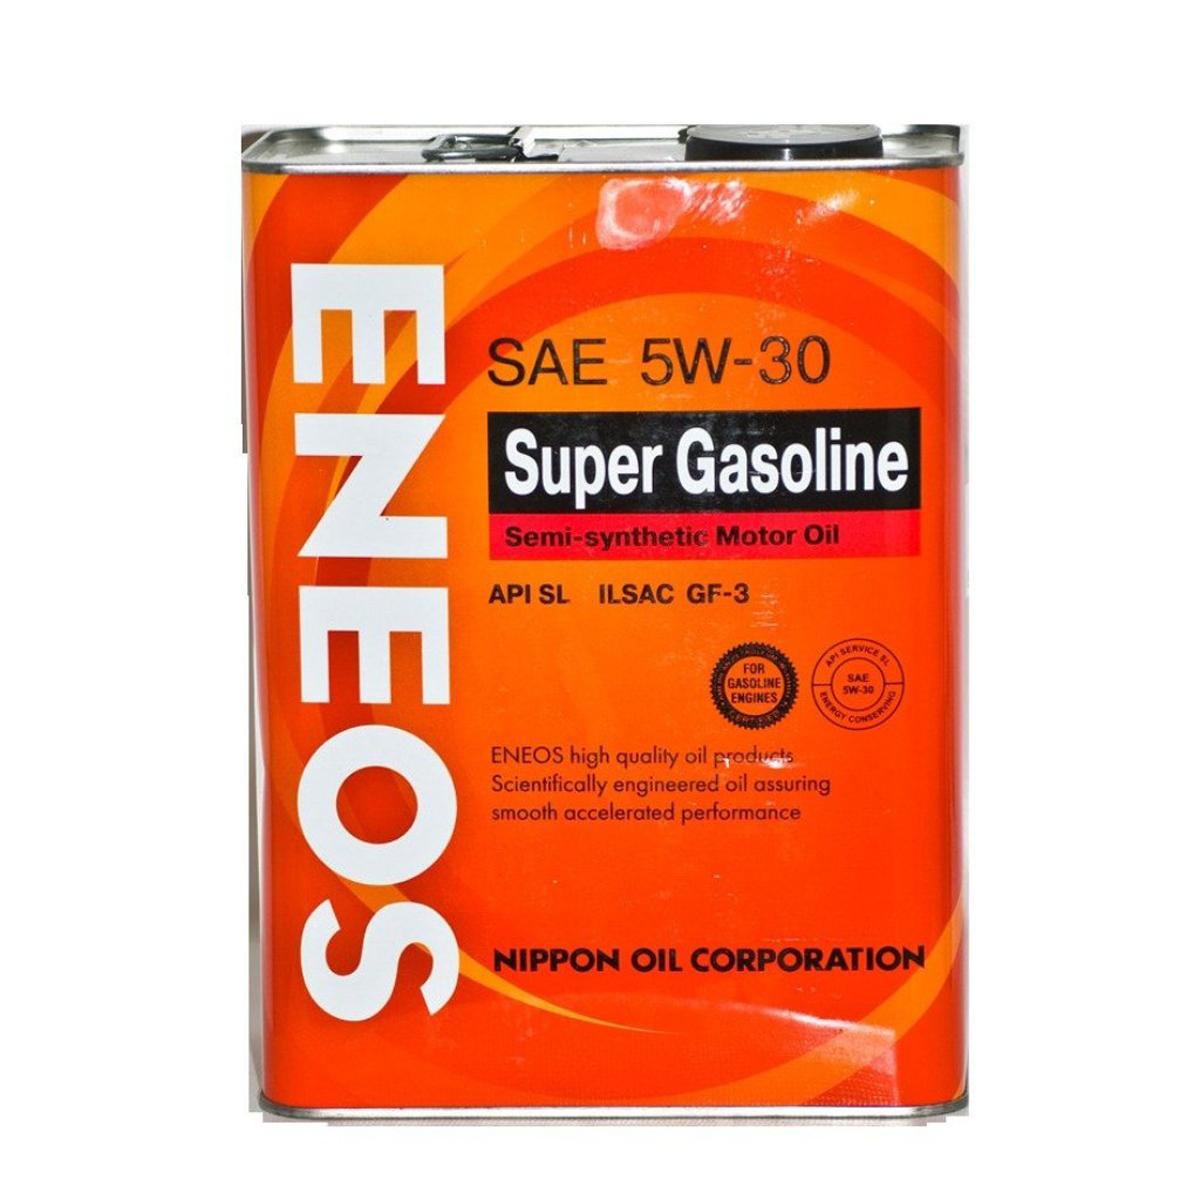 Масло моторное ENEOS Super Gasoline, полусинтетическое, 5W-30, 0,94 лoil1358Масло ENEOS Semi-Synthetic - полусинтетическое моторное масло, обеспечивает надежную защиту и увеличивает моторесурс двигателя. Оно рекомендуется для применения в четырехтактных бензиновых двигателях легковых машин, микроавтобусах, малотоннажных автофургонах и внедорожниках, включая двигатели с турбонаддувом и многоклапанные двигатели.